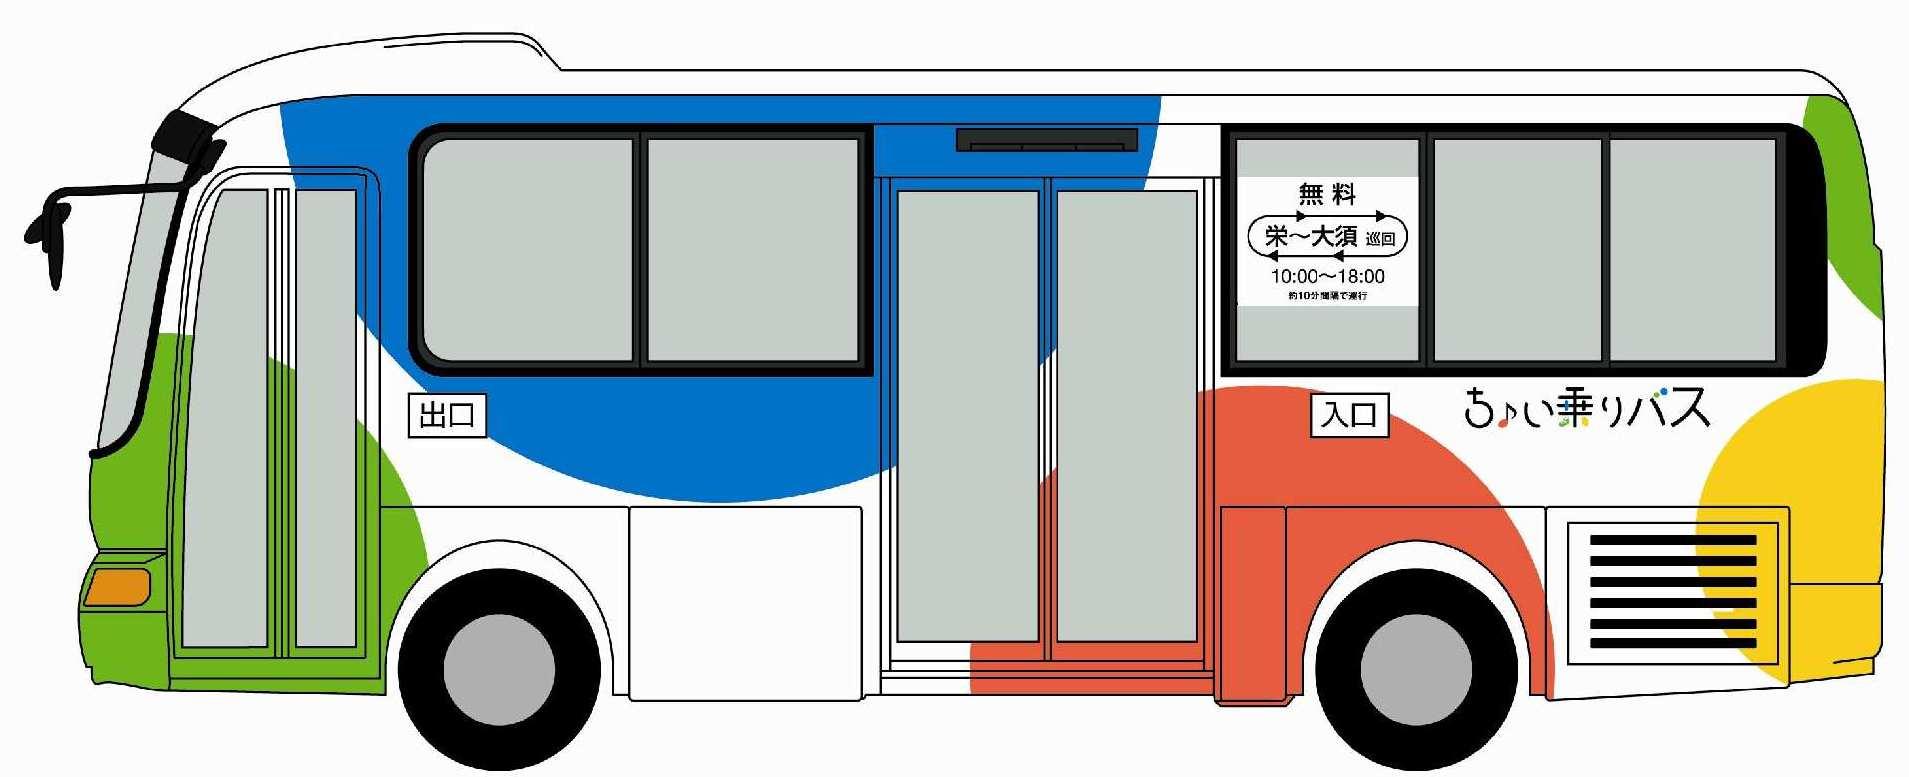 ちょい乗りバス.jpg